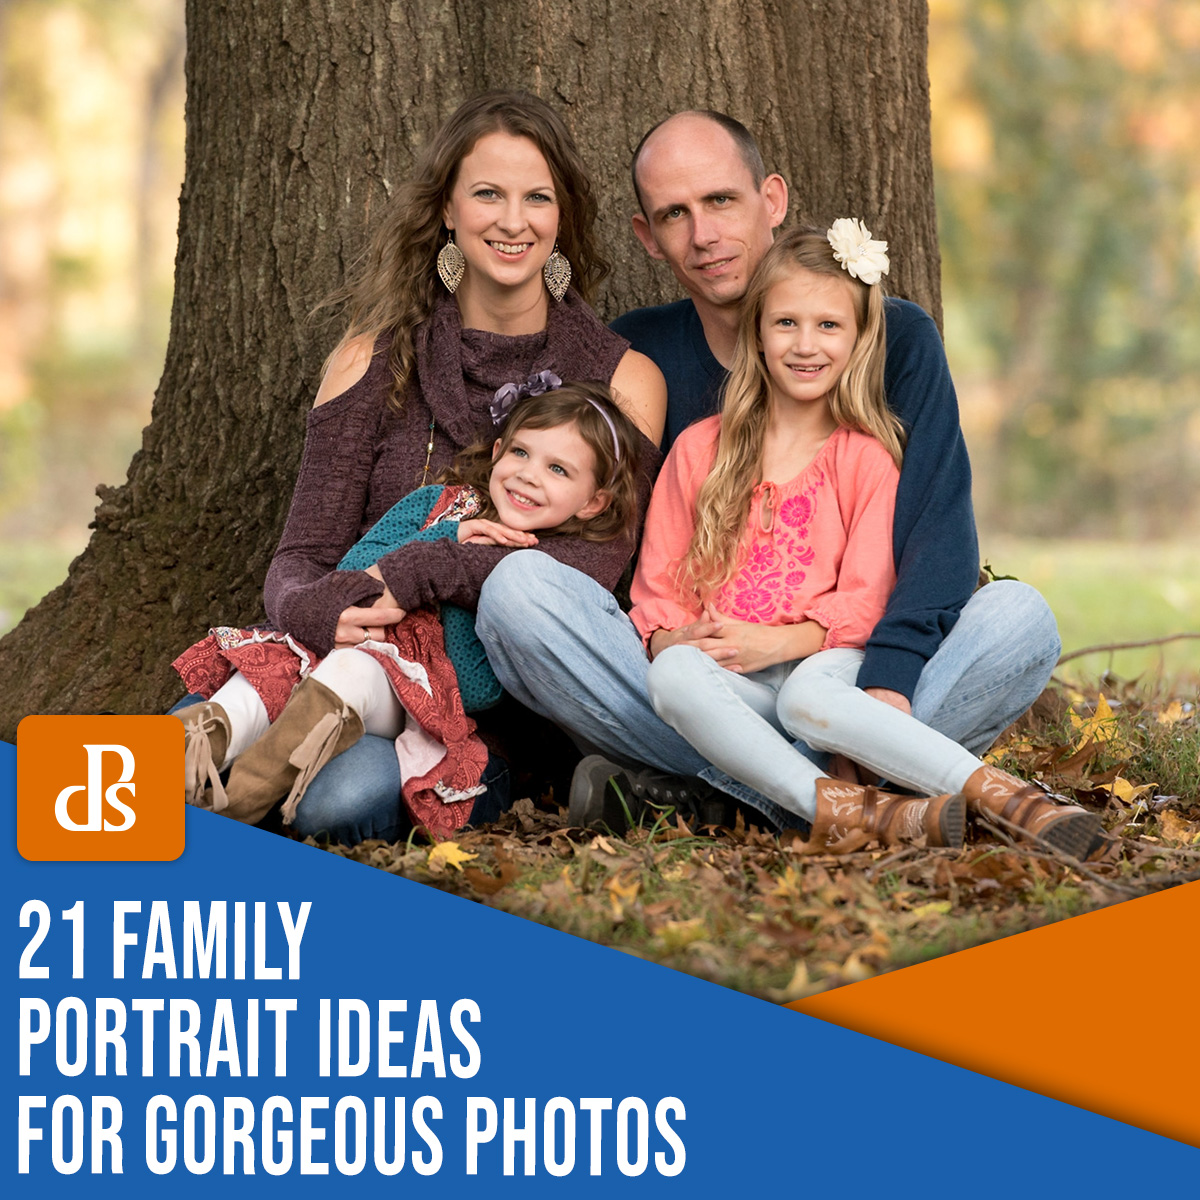 21 ideias de retrato de família para belas fotos